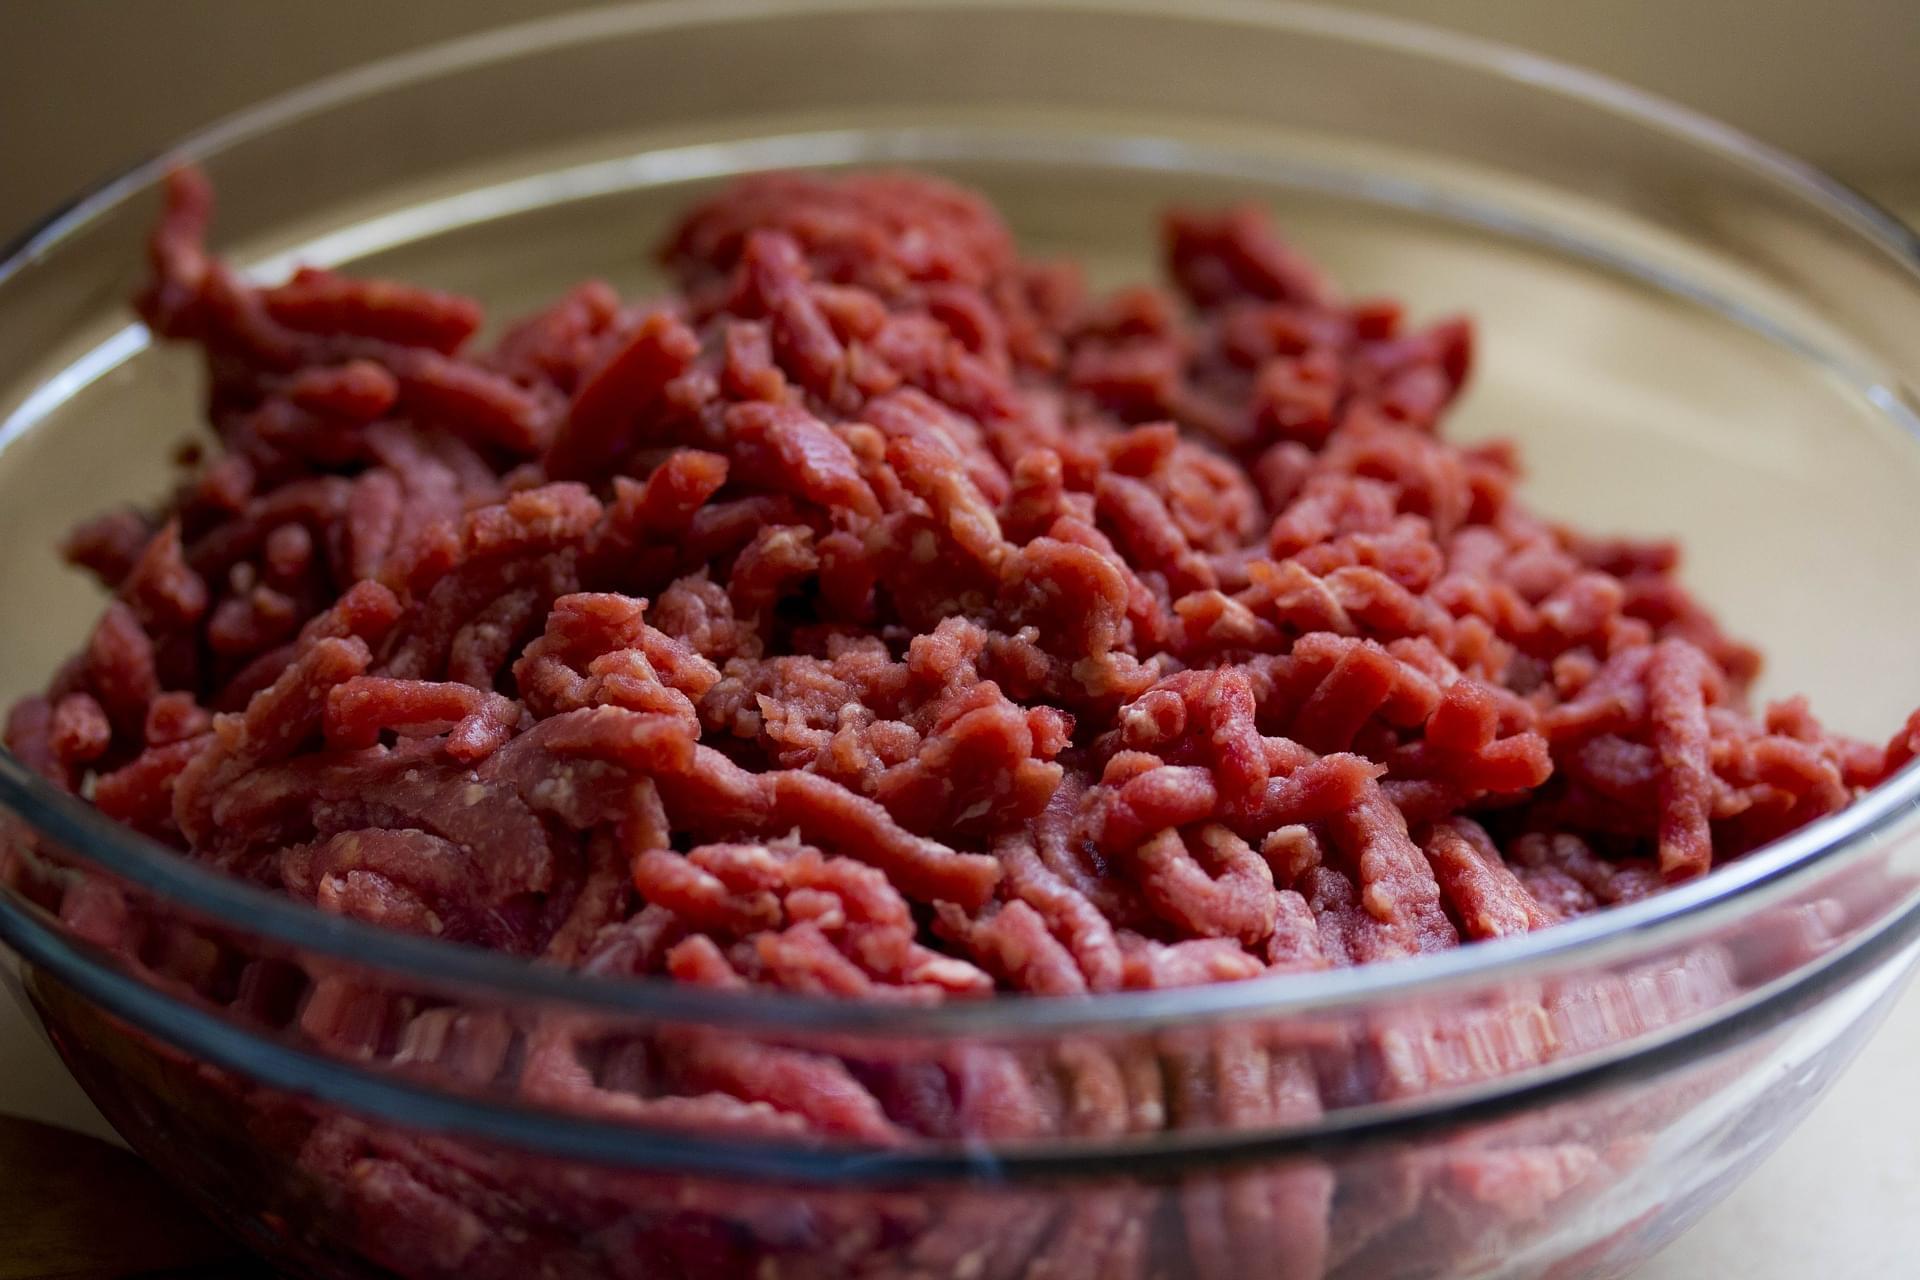 Meijer Ground Beef